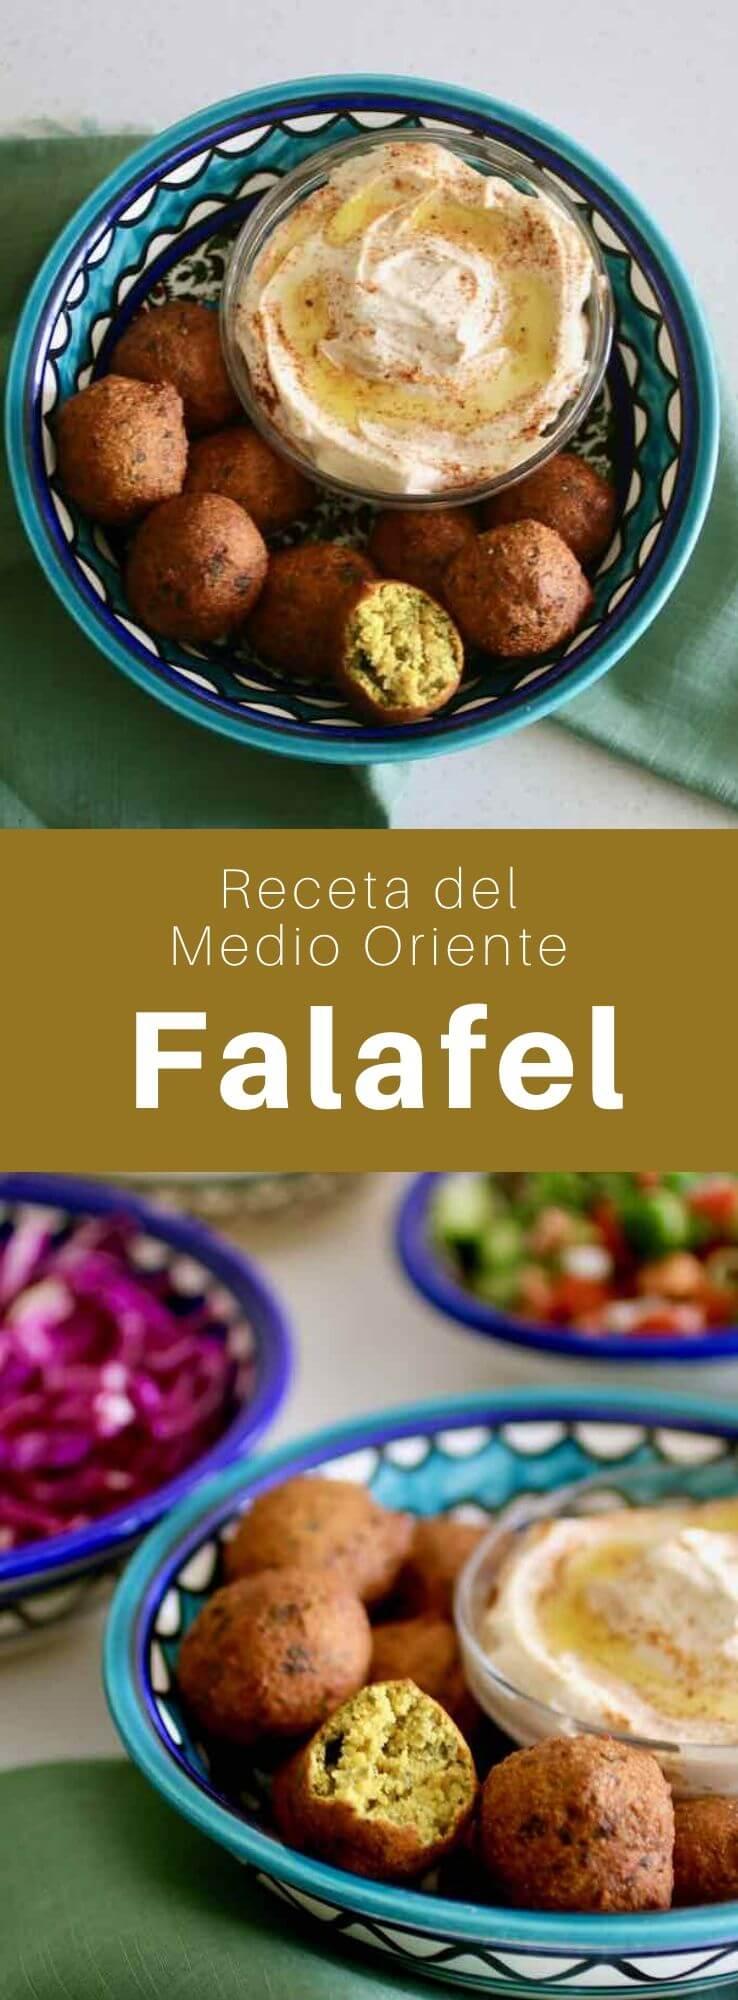 Aunque los falafels están hechos exclusivamente de garbanzos, los originales, los falafels de Egipto, se elaboran con habas.